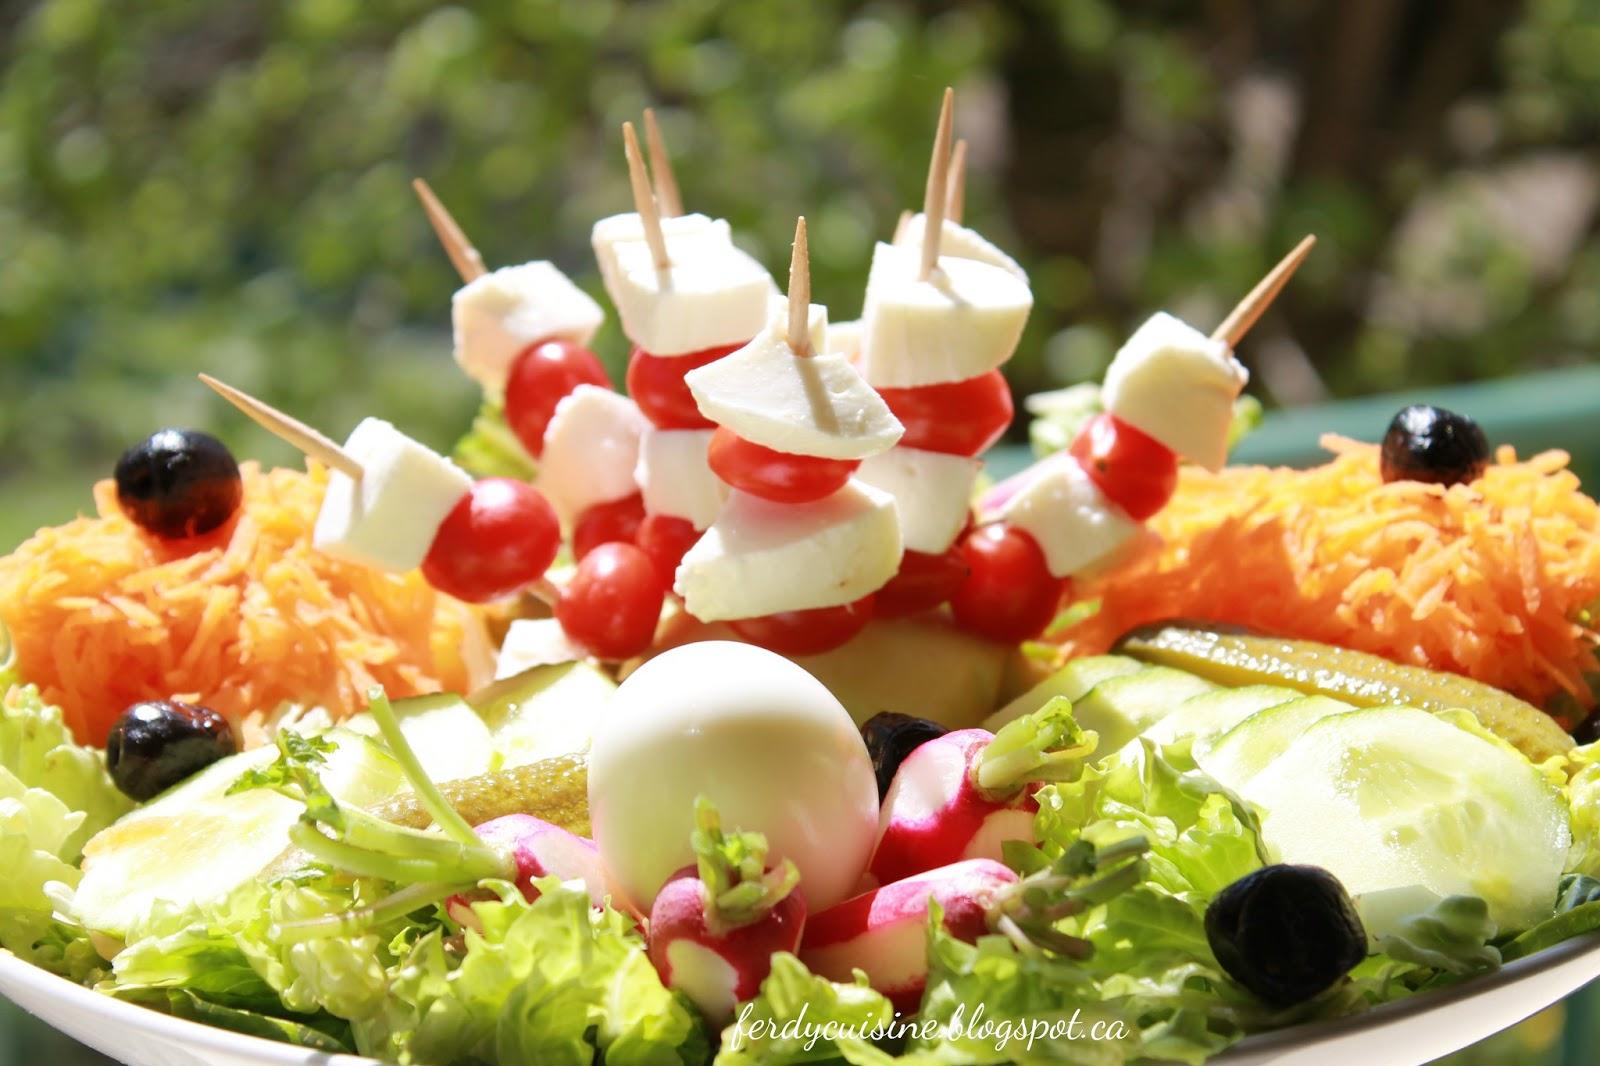 Le blog culinaire d 39 une d butante la salade compos e 2 carotte radis concombre - Salade d ete composee ...